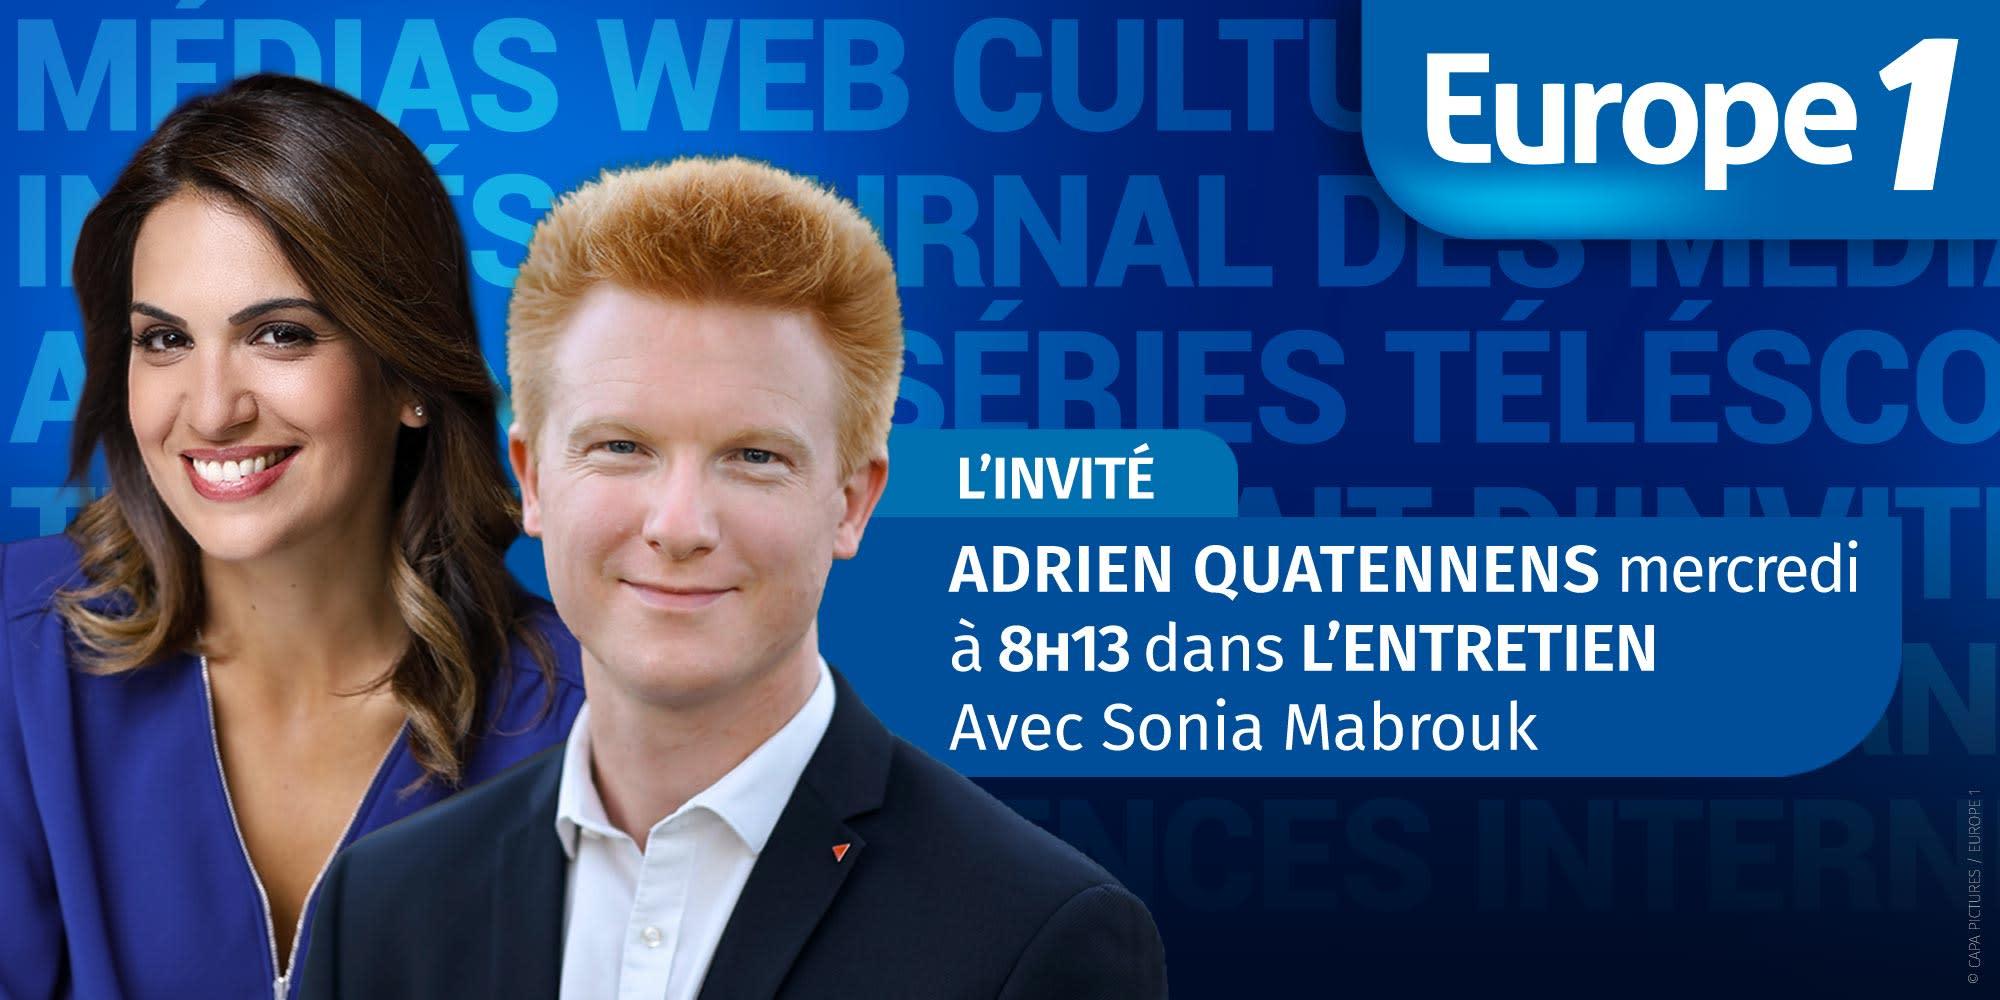 Le député LFI Adrien Quatennens est l'invité de Sonia Mabrouk mercredi à 8h13